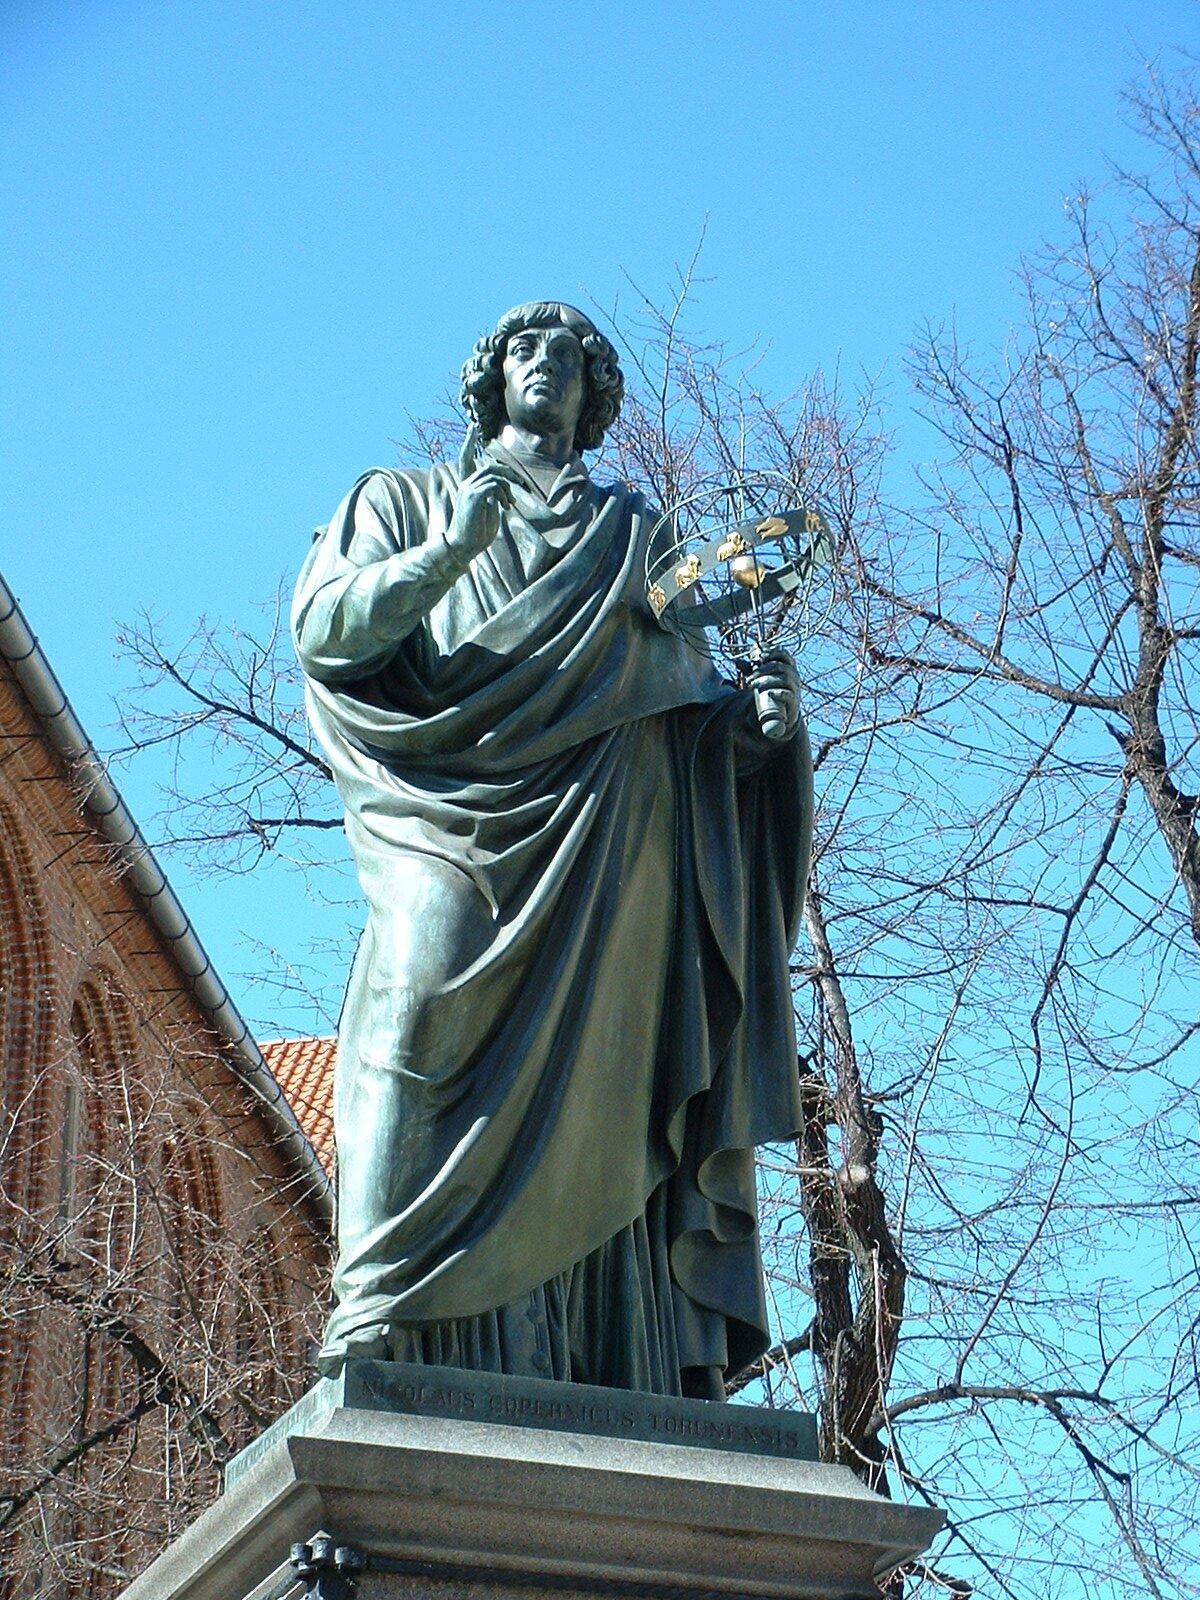 Pomnik Kopernika wystawiony przez niemiecką radę miasta Torunia w1853 r. PomnikKopernika wToruniu. Odsłonięty w1853 r., dzieło niemieckiego rzeźbiarza Friedricha Abrahama Ticka. Już wXVIII w. powstały pierwsze pomysły upamiętnienia astronoma wToruniu, ale wówczas rzeźba ufundowana przez księcia Jabłonowskiego nie spodobała się rajcom iumieszczono ją wKościele p.w. św. Jana. Ponownie do pomysłu wrócono wokresie Księstwa Warszawskiego zinicjatywy Stanisława Staszica, ale upadek państwa nie pozwolił zrealizować dzieła. Źródło: Christian Friedrich Tieck, Pomnik Kopernika wystawiony przez niemiecką radę miasta Torunia w1853 r., 2004, fotografia, licencja: CC BY-SA 3.0.